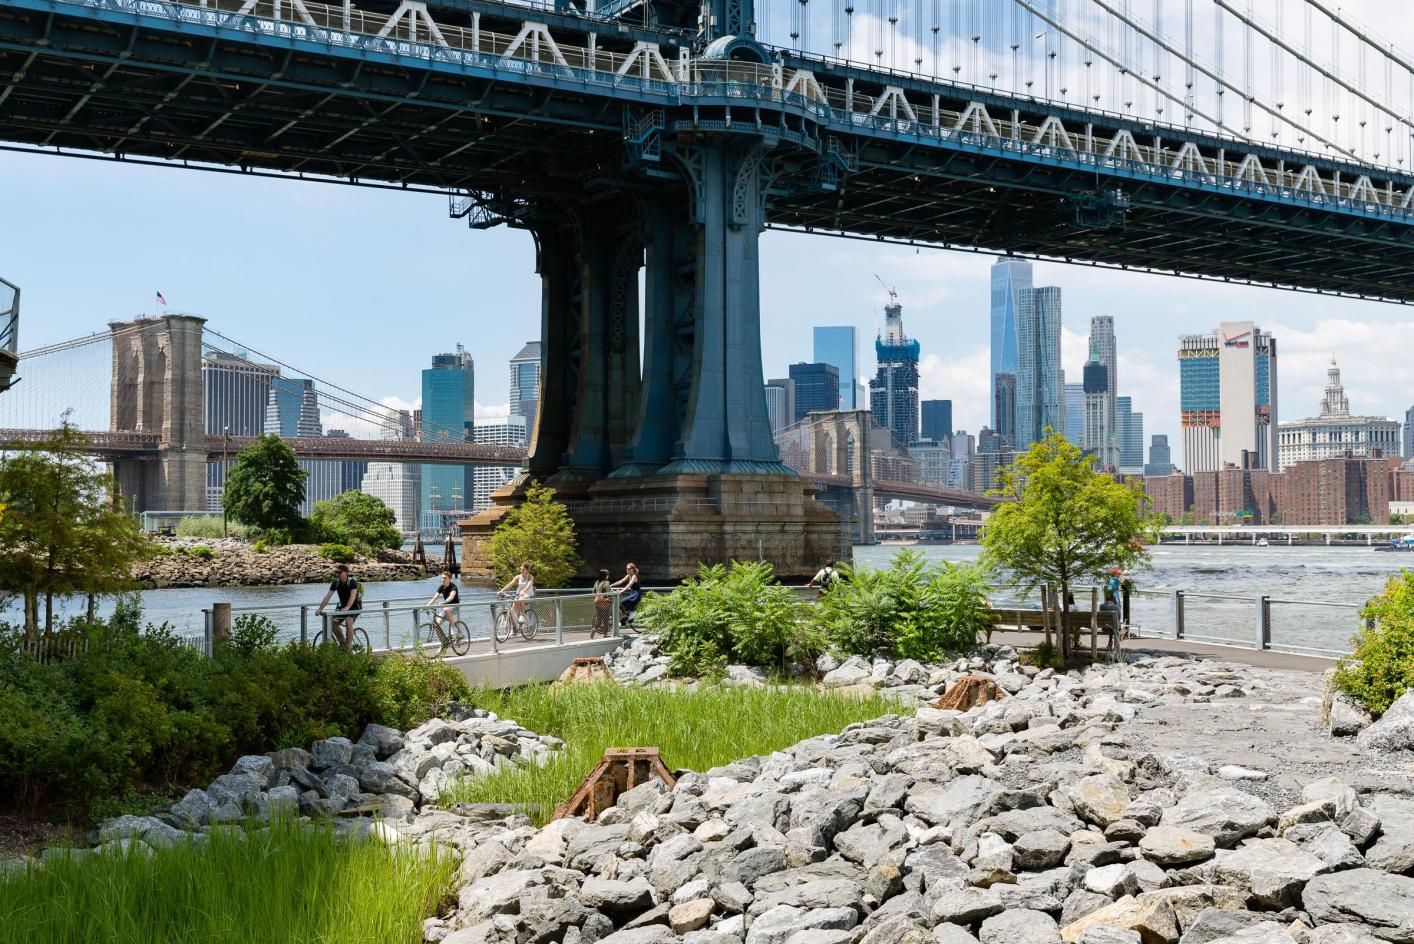 John Street Brooklyn Bridge Park